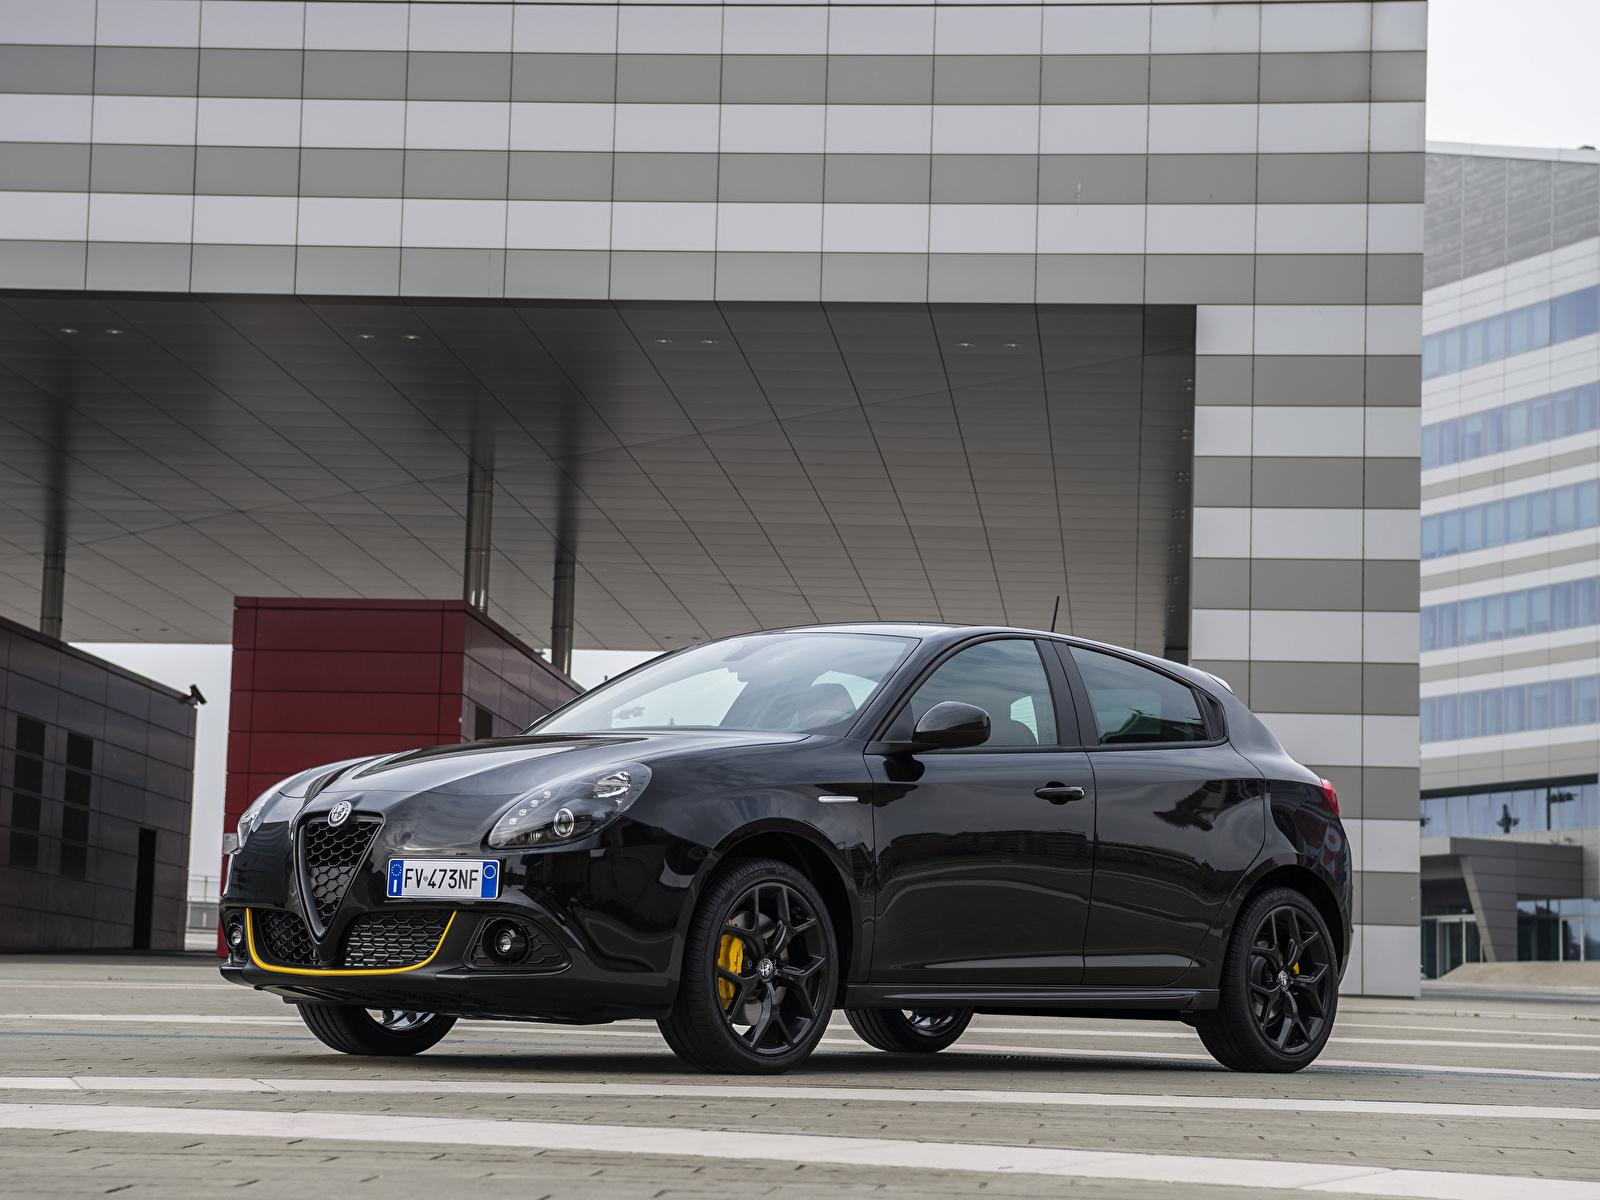 Картинка Alfa Romeo 2019 Giulietta Sport Veloce Giallo Corsa Pack черная машина Металлик 1600x1200 Альфа ромео черных черные Черный авто машины автомобиль Автомобили